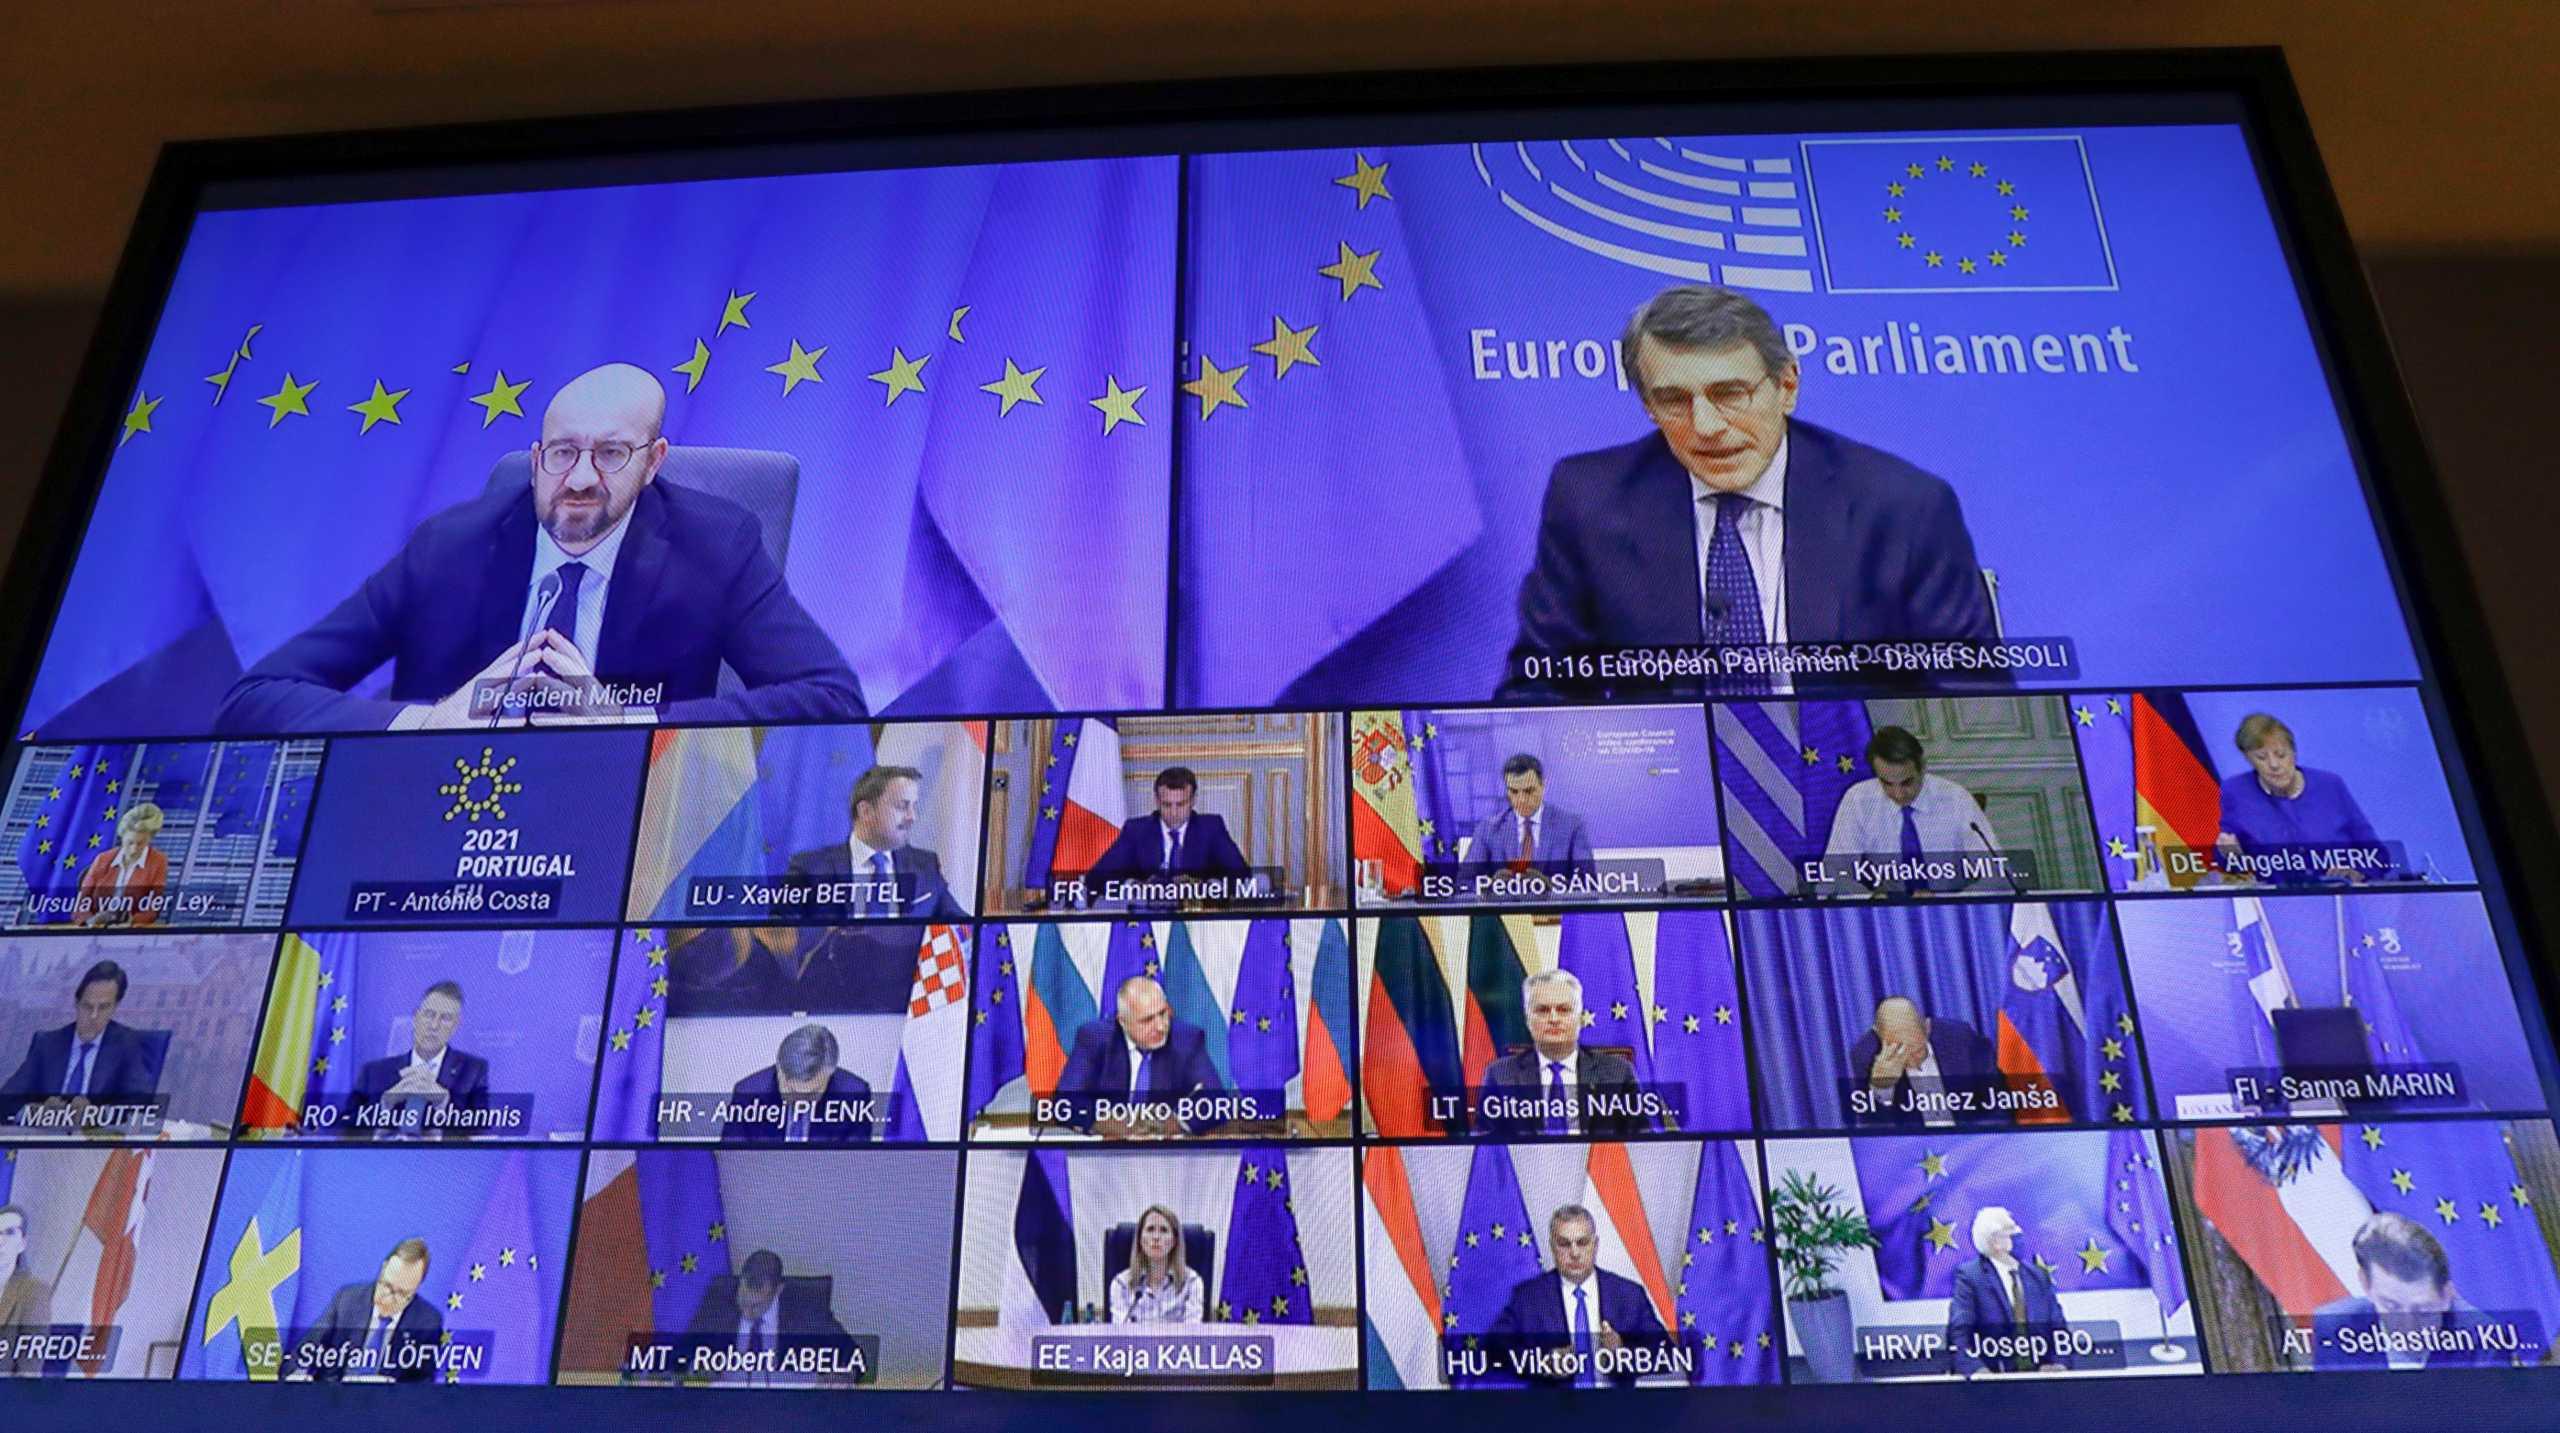 Αγώνας δρόμου για να είναι έτοιμο το Ευρωπαϊκό Πιστοποιητικό Εμβολιασμού πριν το καλοκαίρι